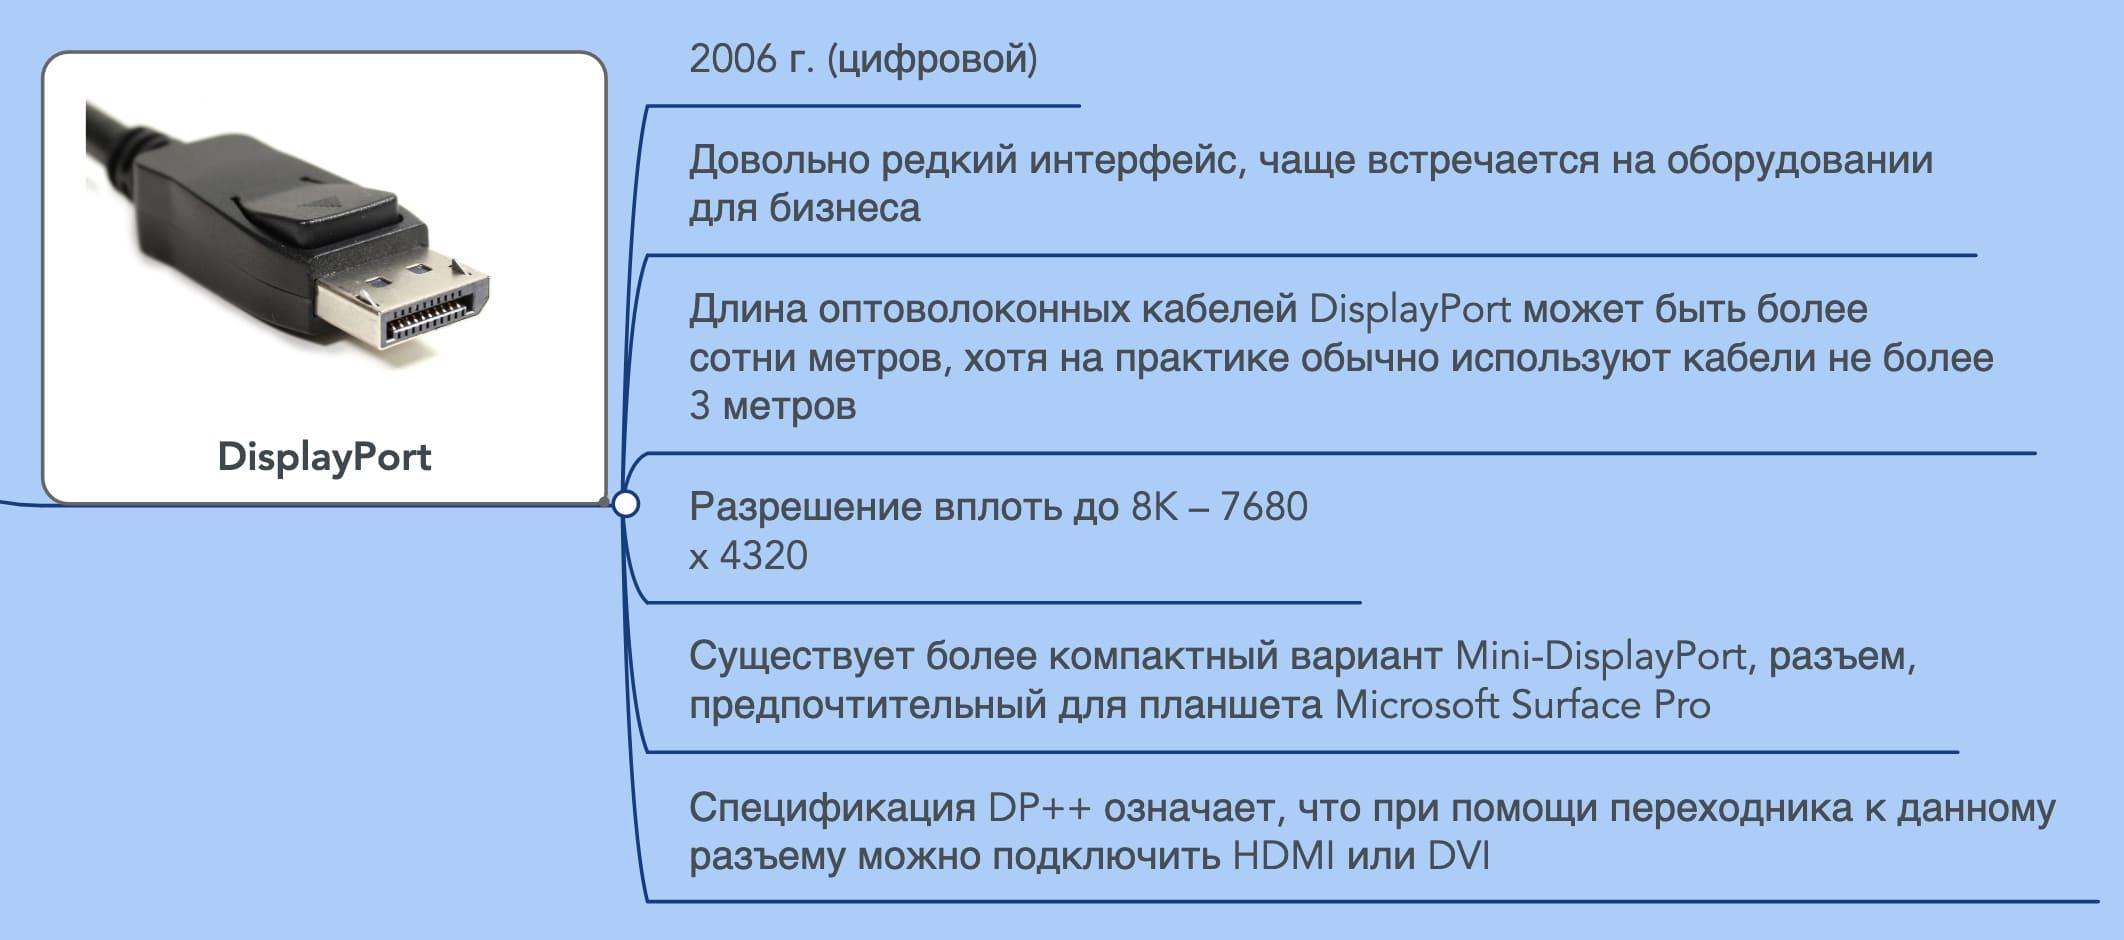 DisplayPort – подробное описание способа для подключения монитора